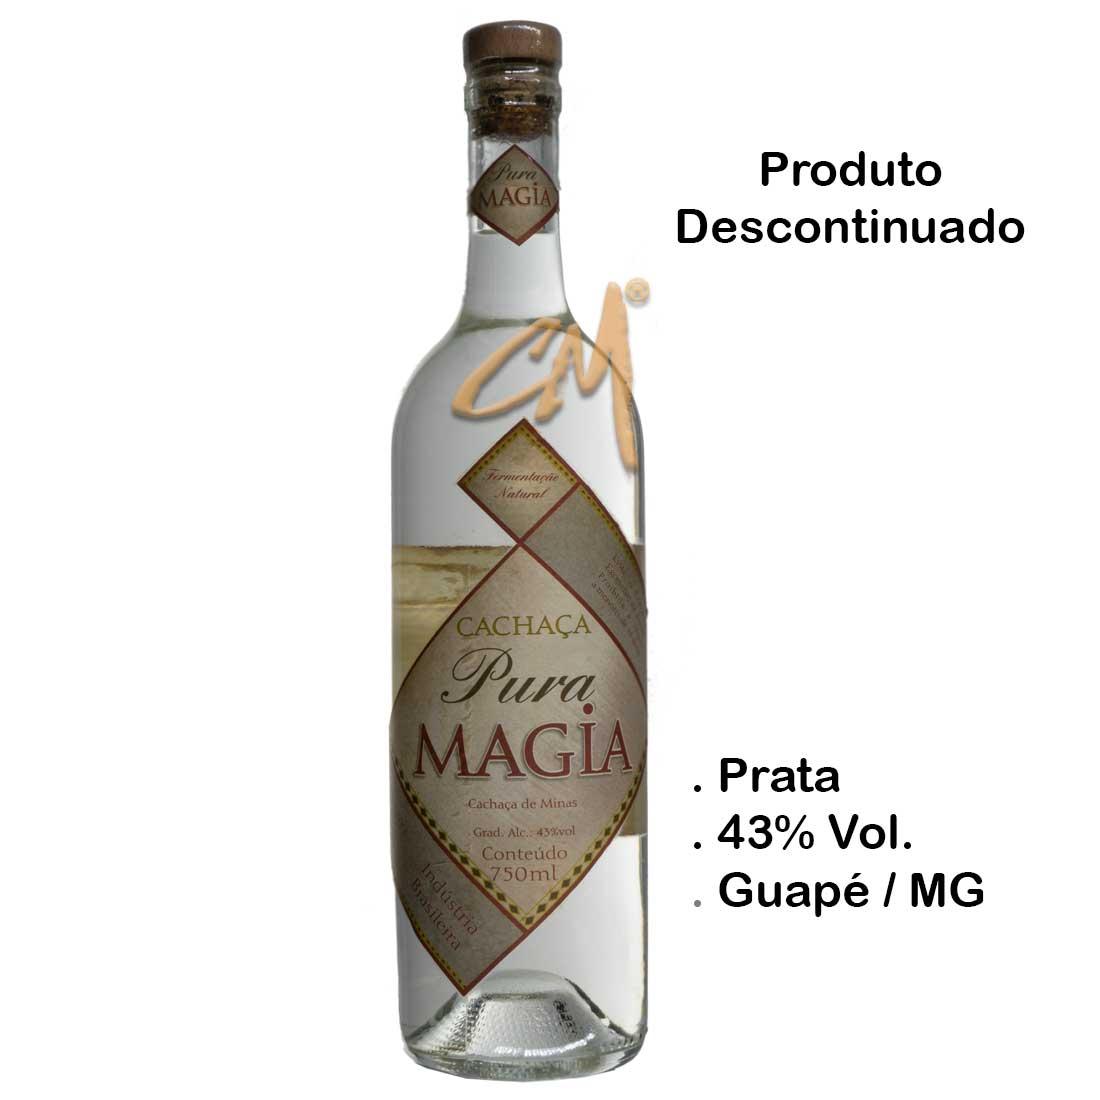 Cachaça Pura Magia Prata 750 ml - Antiga - (Guapé - MG)